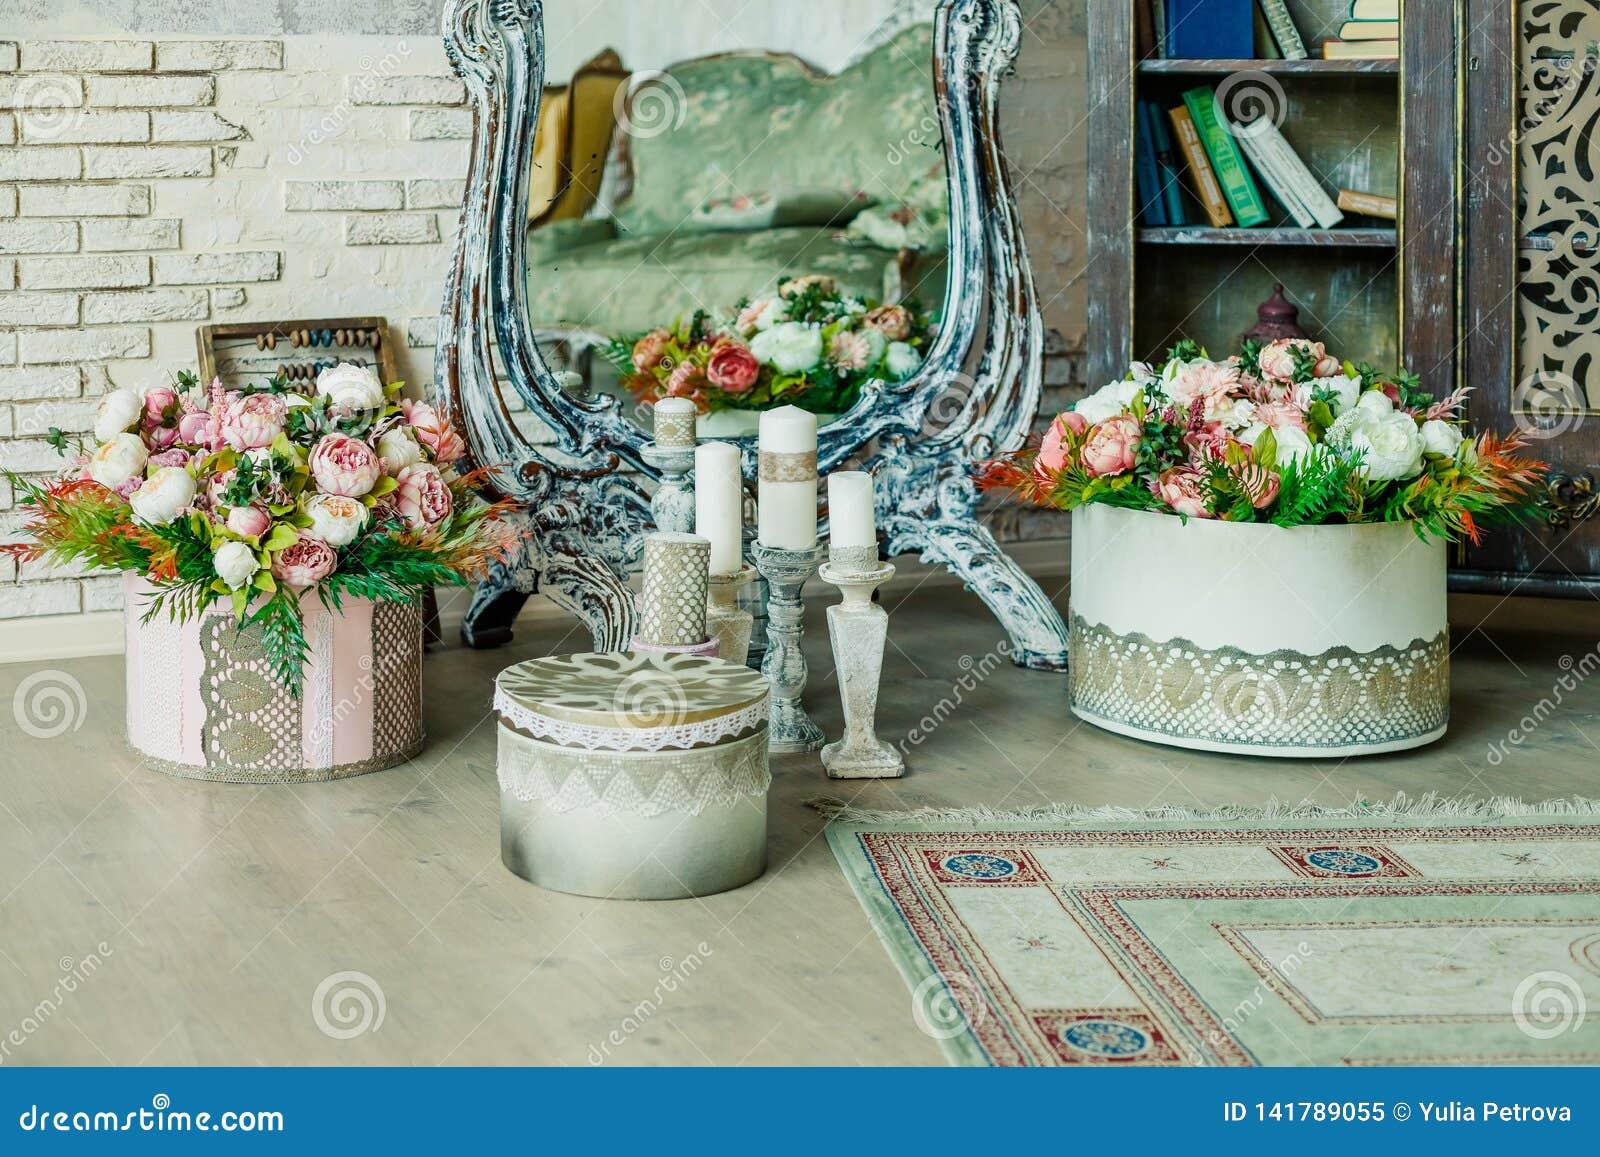 Schäbiger schicker Rauminnenraum Hochzeitsdekor, Raum verziert für schäbige schicke rustikale Hochzeit, mit vielen Kerzen, Blumen